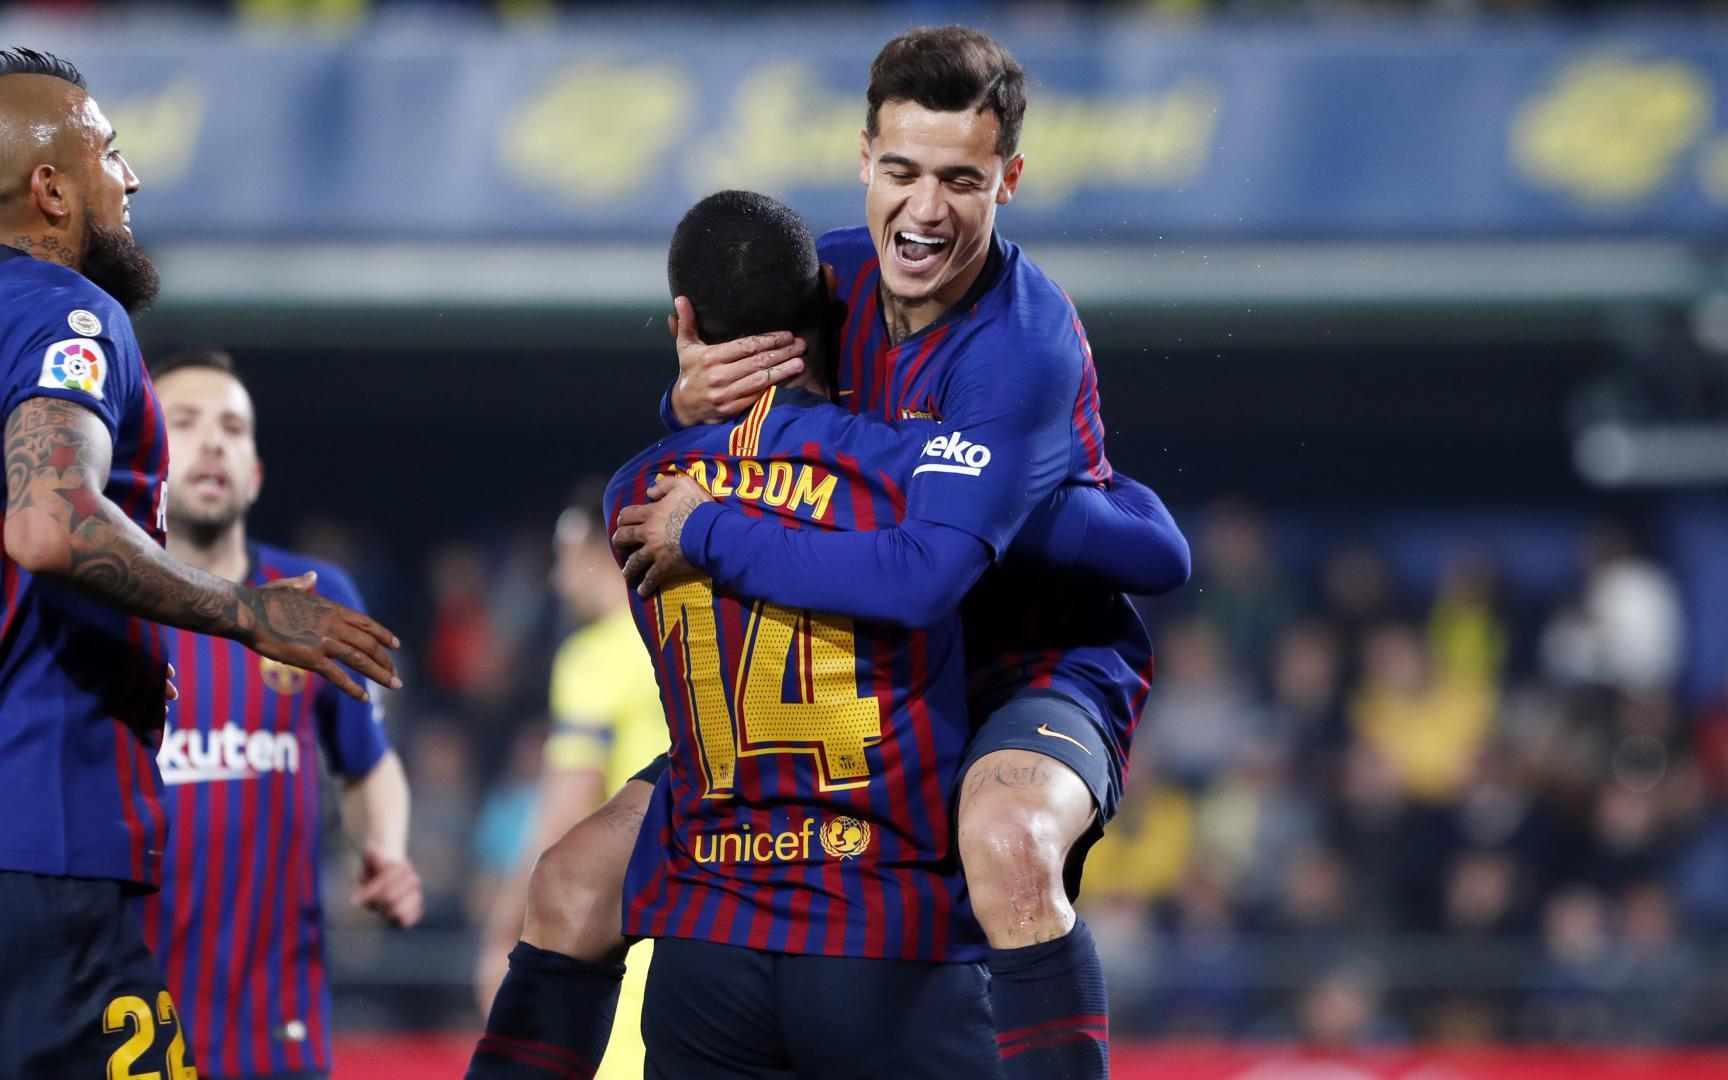 FC Barcelona 2 - Villarreal 0 (full match)  |Barcelona- Villarreal